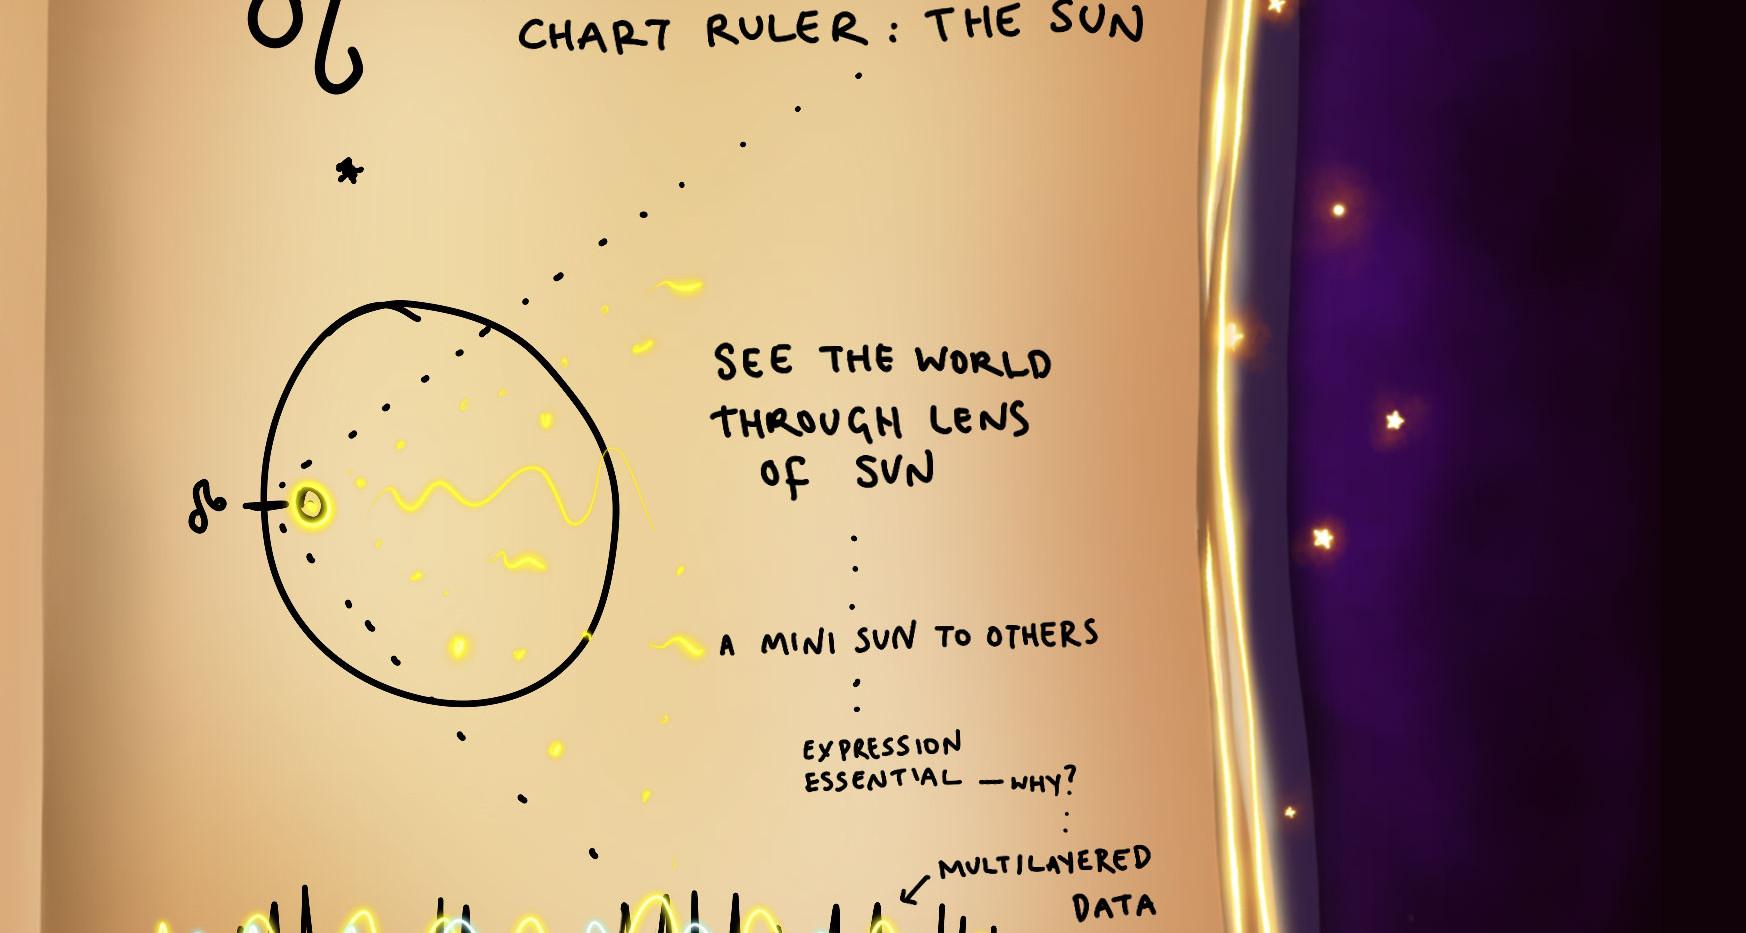 Chart Ruler - Sun